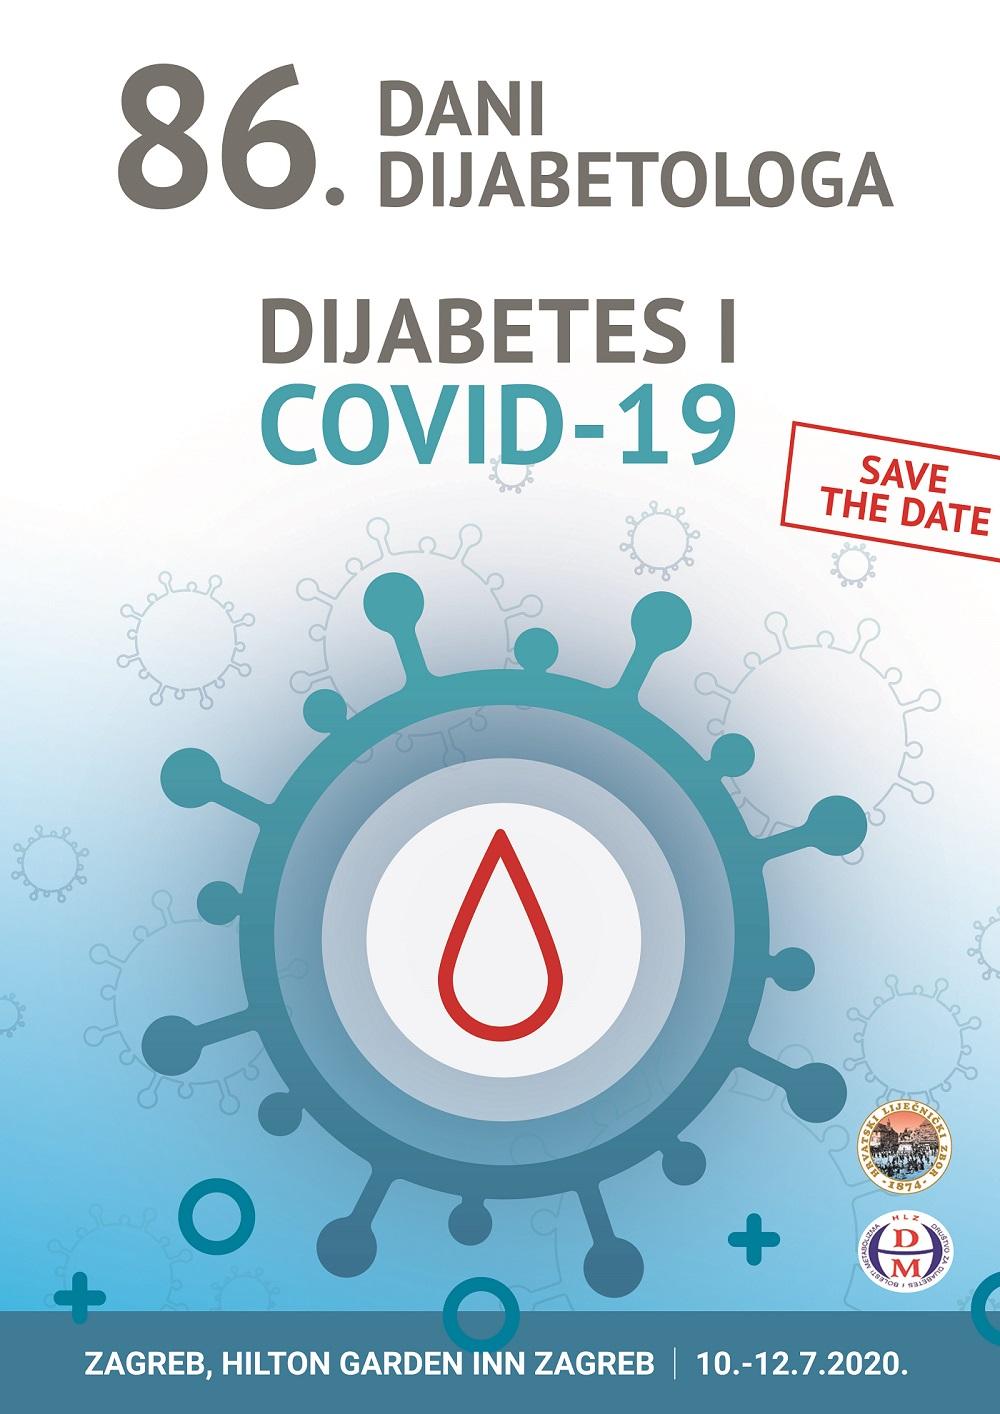 86. Dani dijabetologa Zagreb, 10.-12.07.2020.